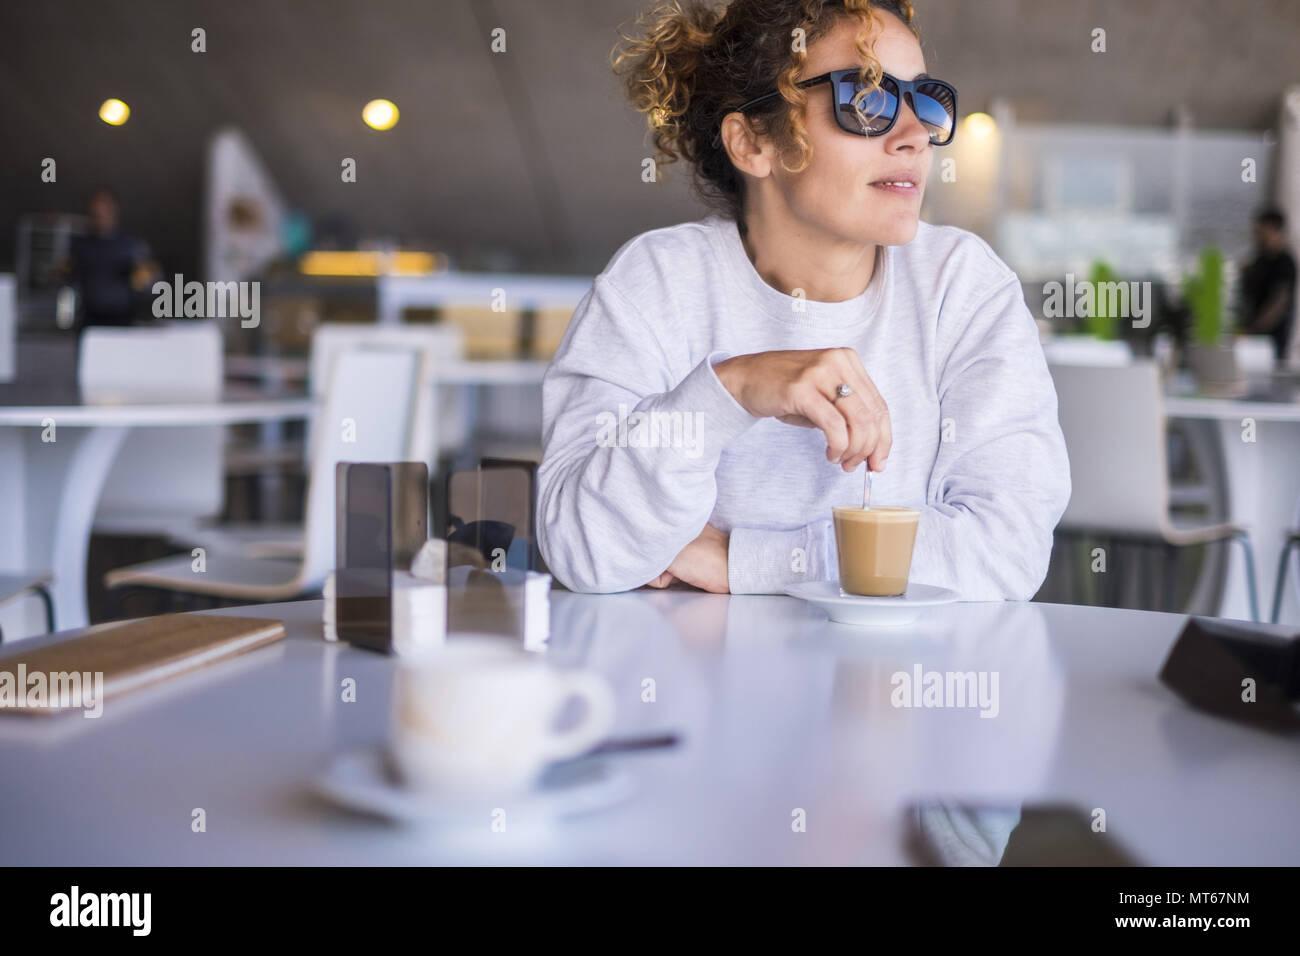 Belle caucasian middle age women with sunglasses Prenez et buvez un café dans un bar. La lumière extérieure à partir de la fenêtre pour un moment de repos pendant les loisirs Photo Stock